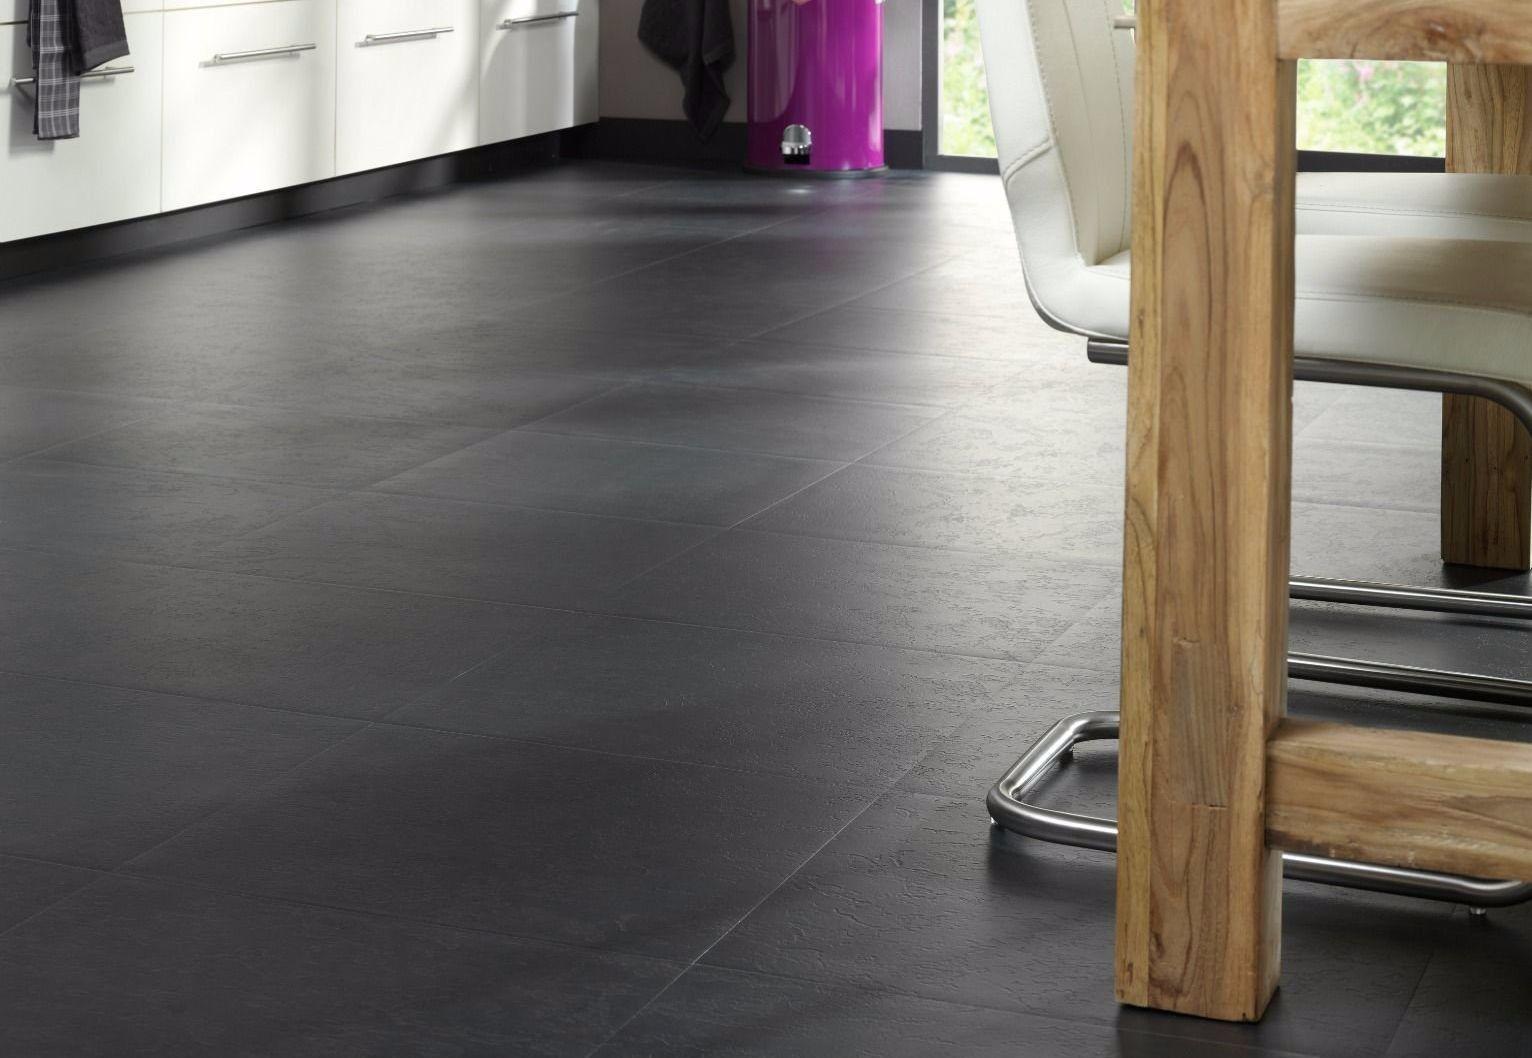 Steen In Interieur : Allura steen pvc stroken en banen bij broekman interieur in utrecht